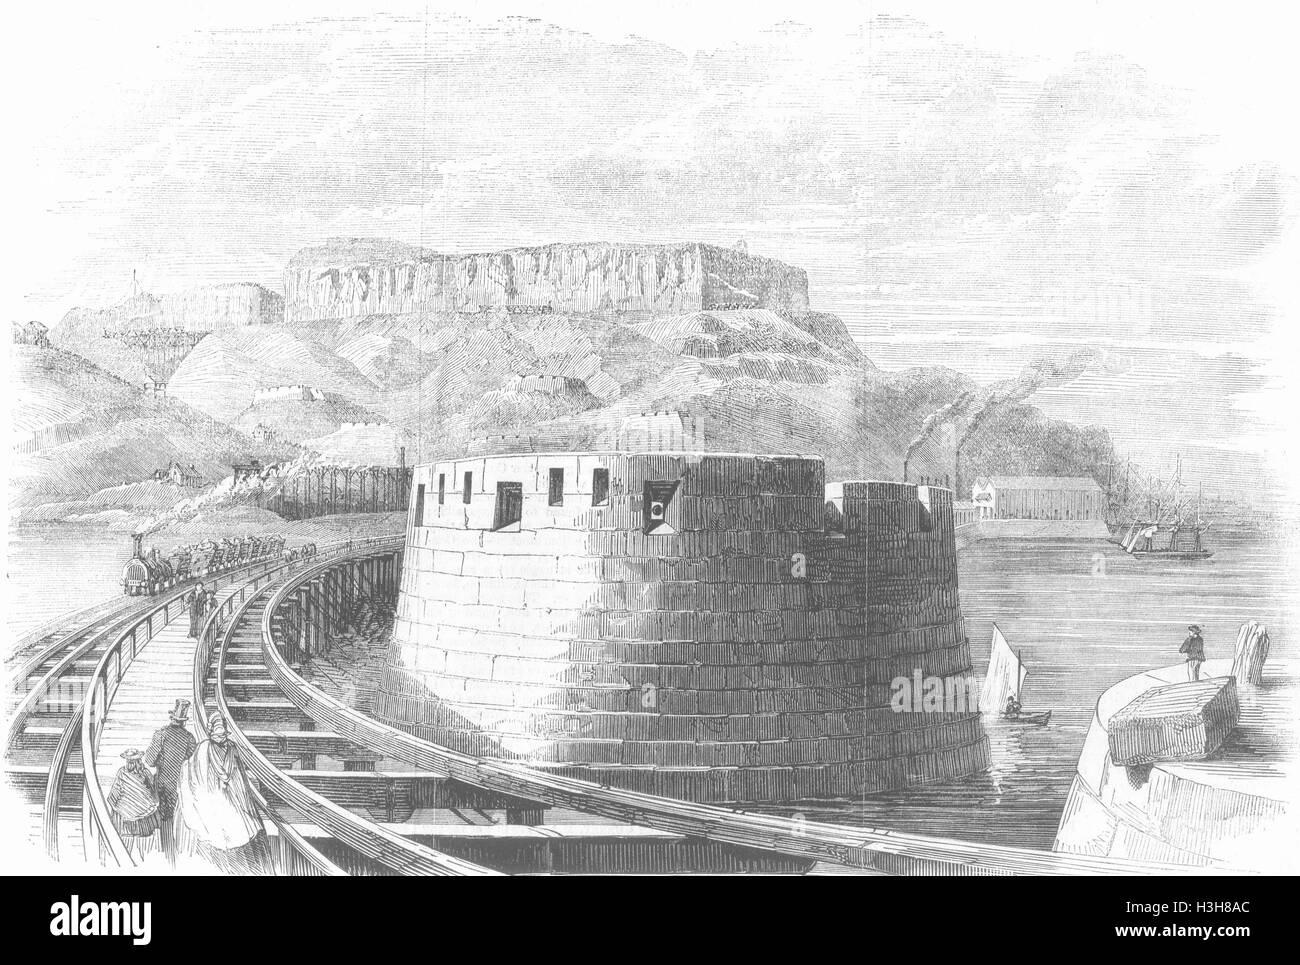 DORSET Portland Harbour #1 Bastion, Verne Ft 1862. Illustrated Times - Stock Image